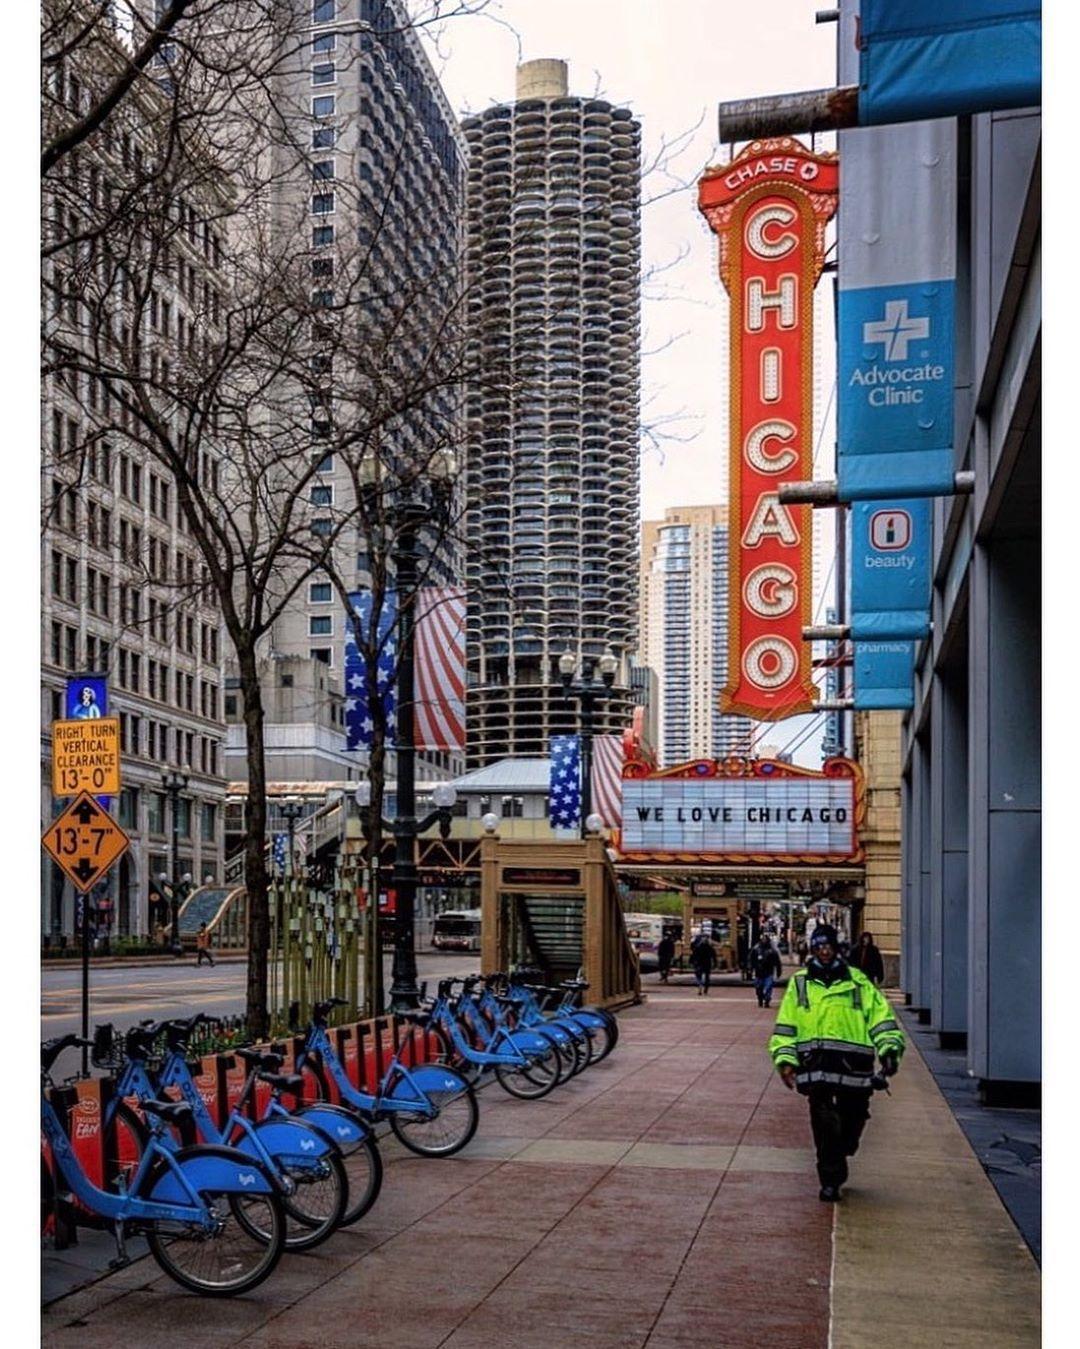 """Tanja Mast's Instagram profile post: """"#chitecture #mychicagopix #insta_chicago #urbandstreet #chicagopulse #explorechicago #chicagoshots #igerschicago #thechieye #choosechicago…"""""""